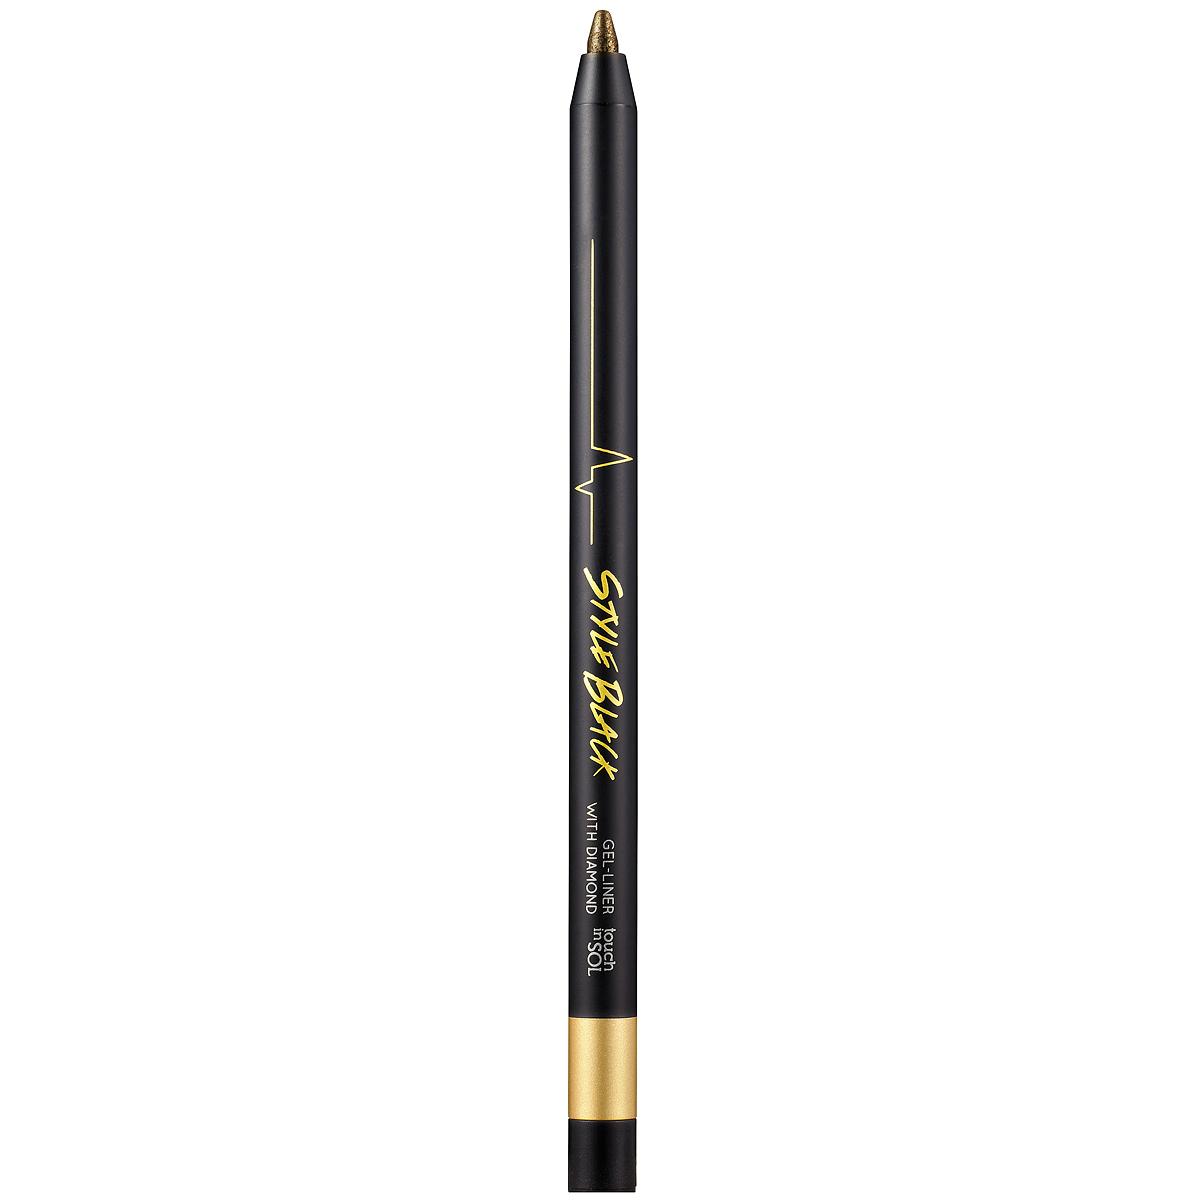 Touch in Sol Гелевый карандаш для глаз Style Black, оттенок №3 Gold, 0,5 гУТ000000762Ультрастойкий гелевый карандаш сохраняет макияж безупречным в течение всего дня. Молочный протеин и успокаивающий цветочный экстракт заботливо ухаживают за кожей, хорошо подходит для особо чувствительных глазах. Кремовый контурный карандаш поможет вам придать взгляду очаровательную выразительность. Благодаря его текстуре вы сможете контролировать яркость и толщину линии, растушевав карандаш создать загадочный образ Смоки Айз.Товар сертифицирован.